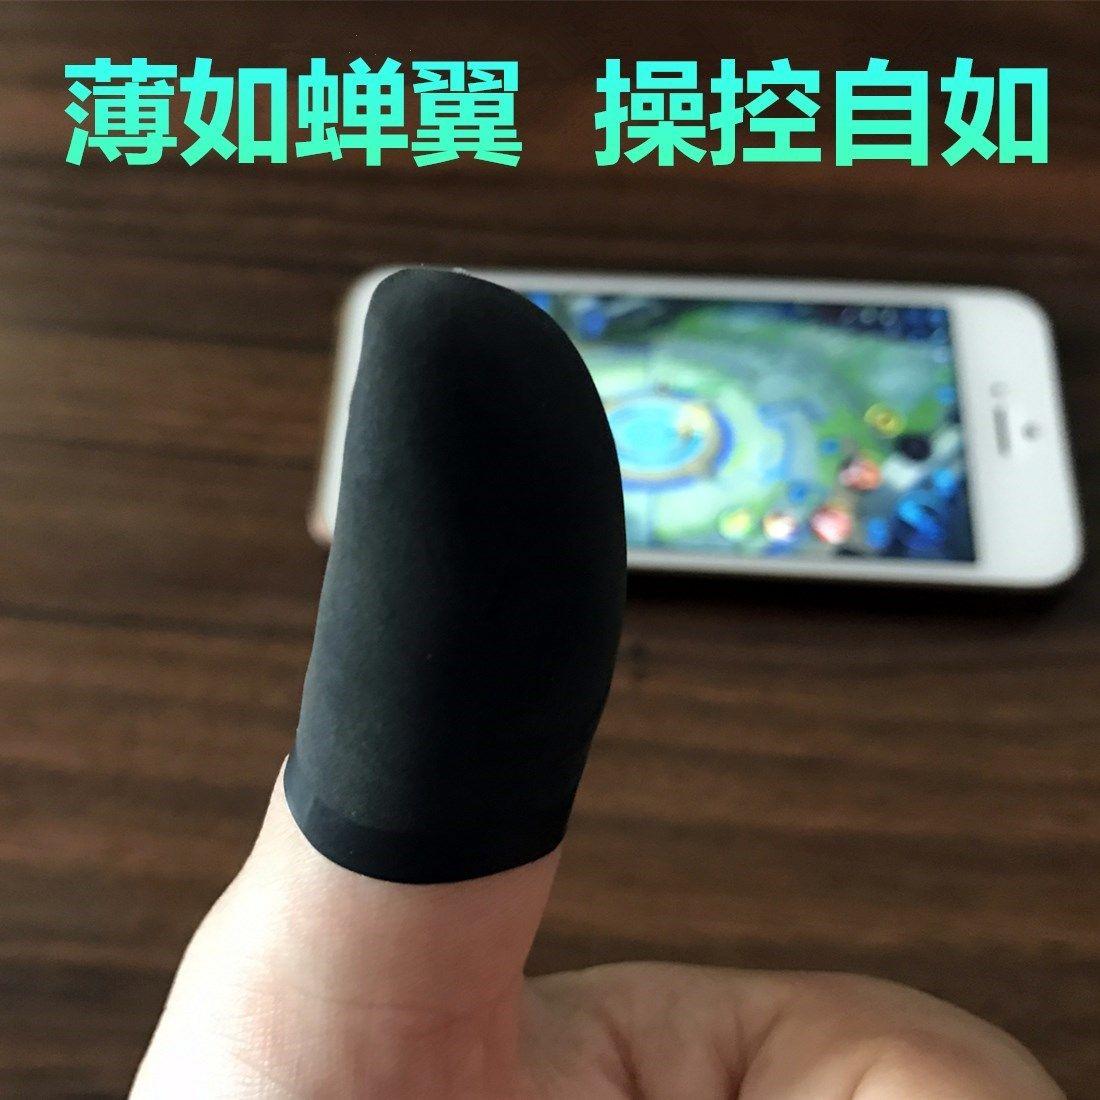 手指套玩防出汗透气游平板触摸触摸屏手套手机游戏吃鸡触屏拇指套